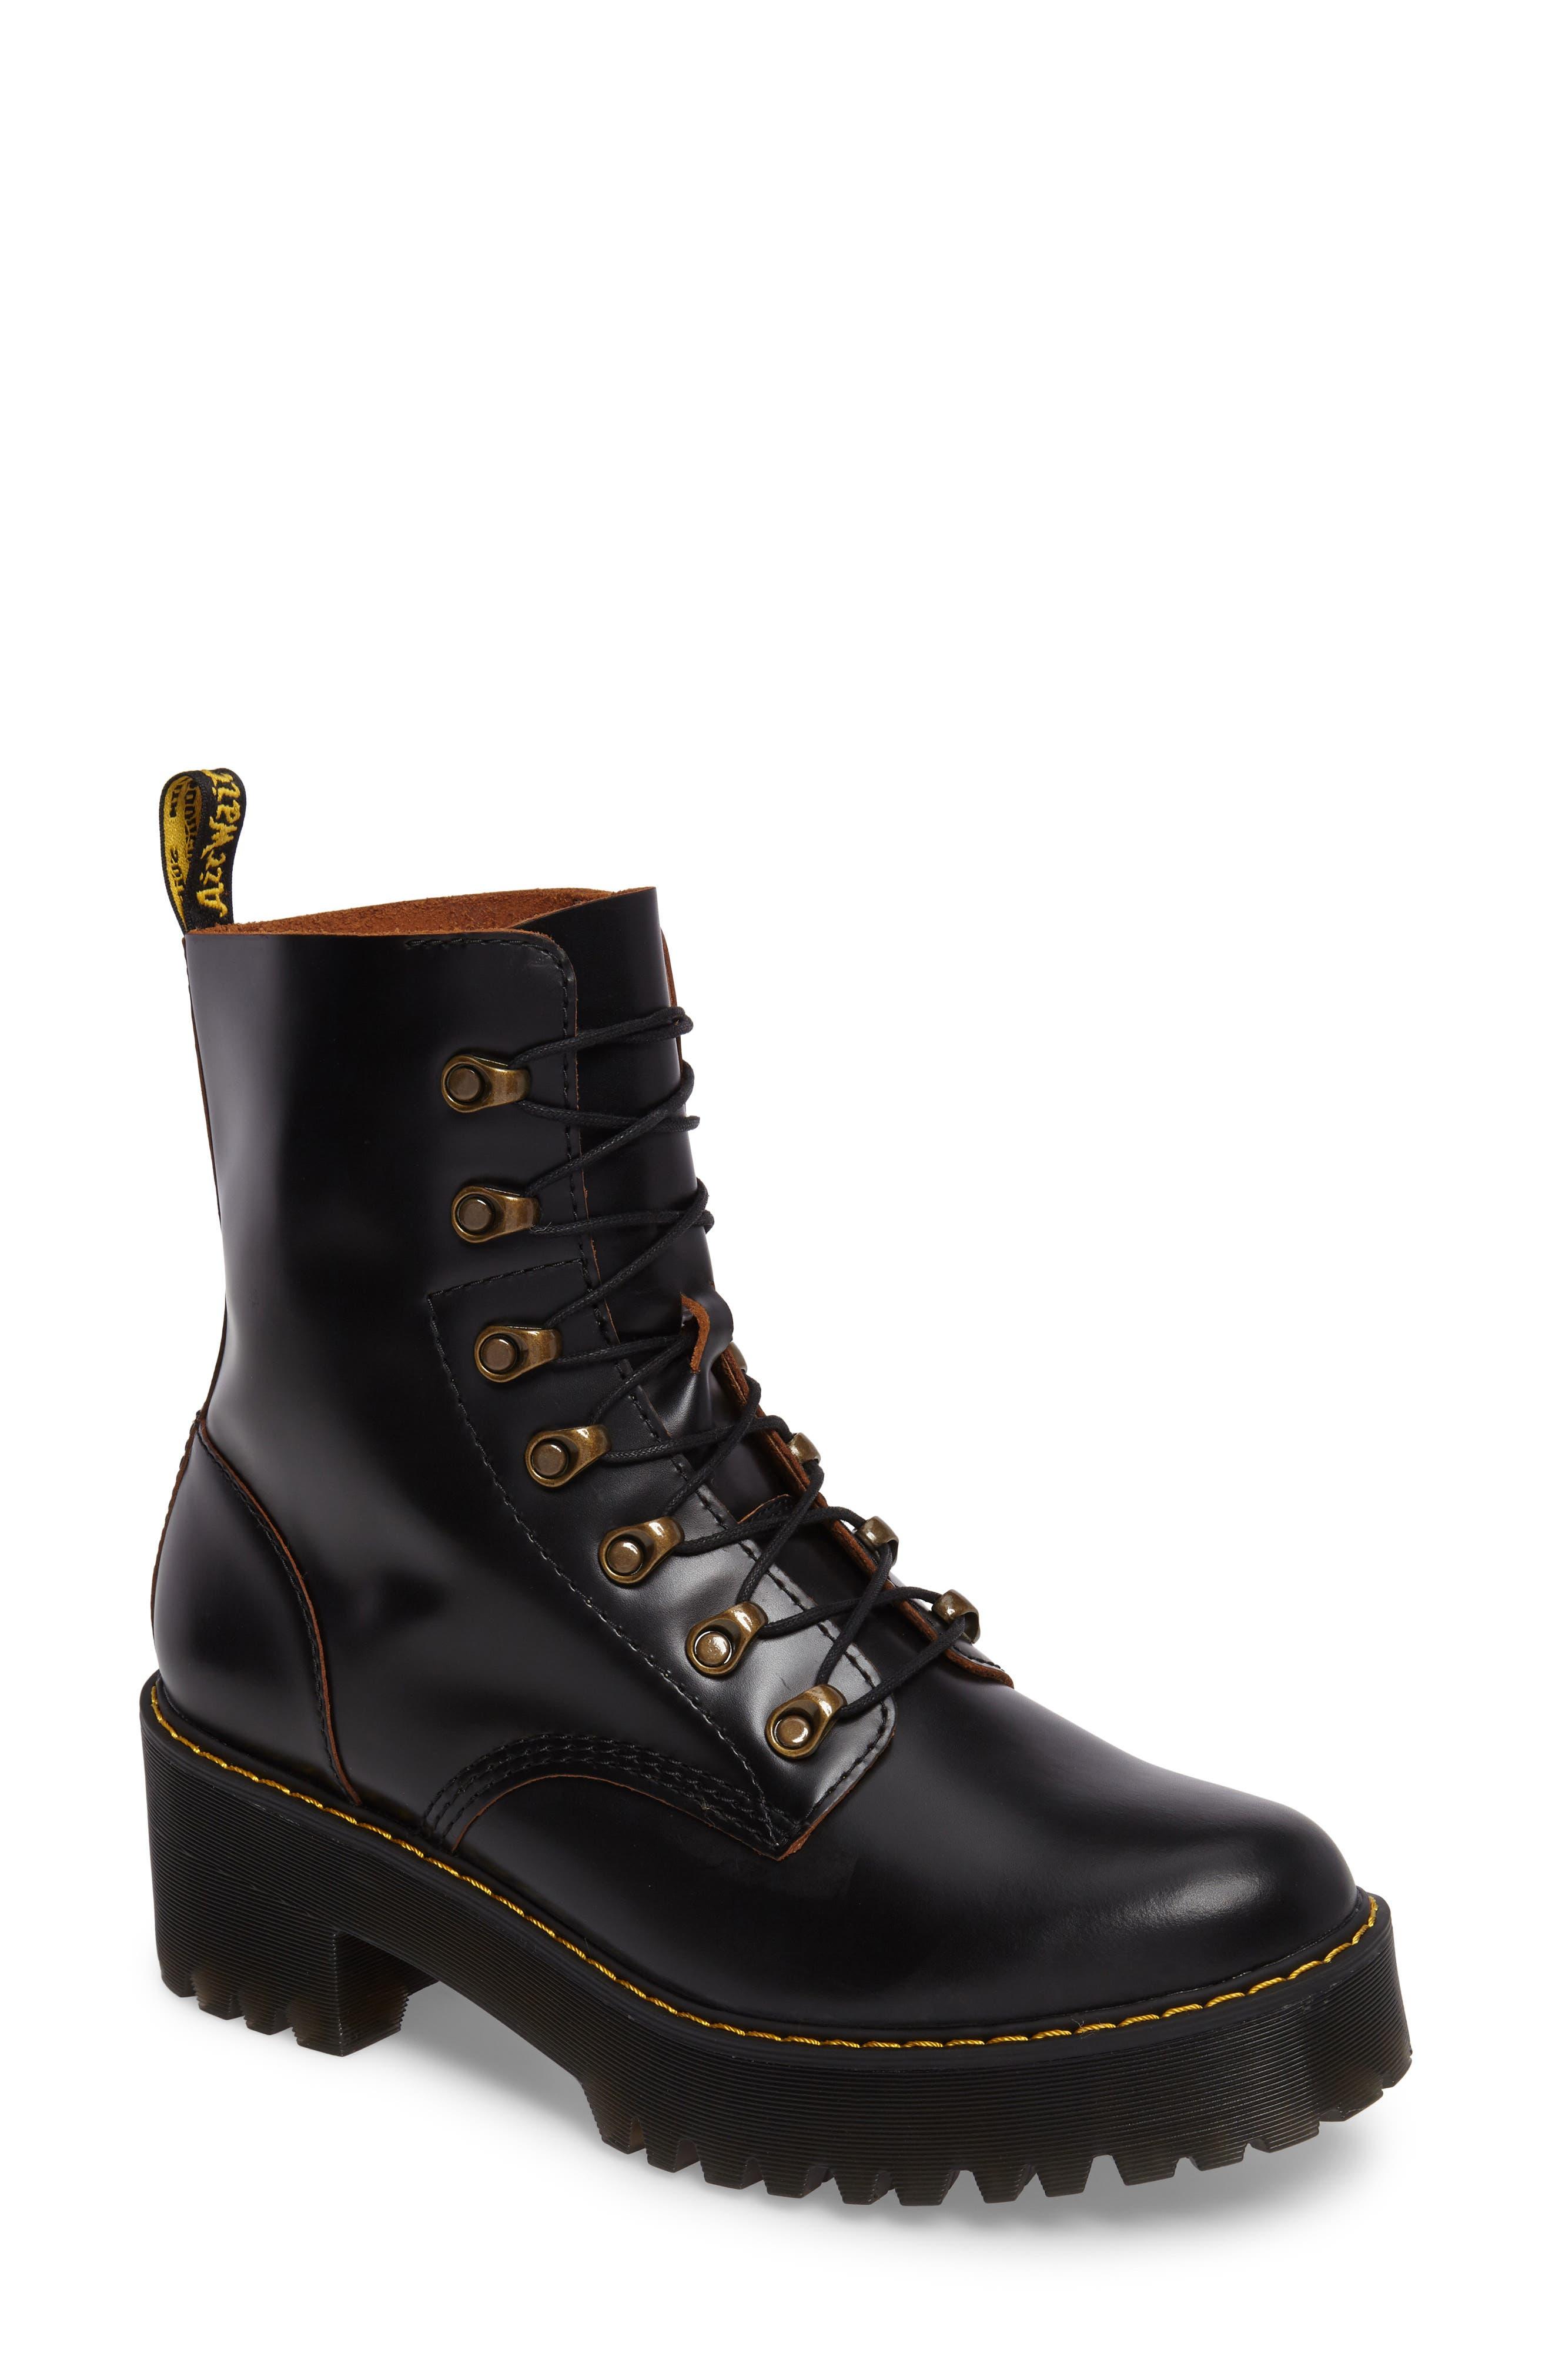 Dr. Martens Leona Heeled Boot, US/ 7UK - Black